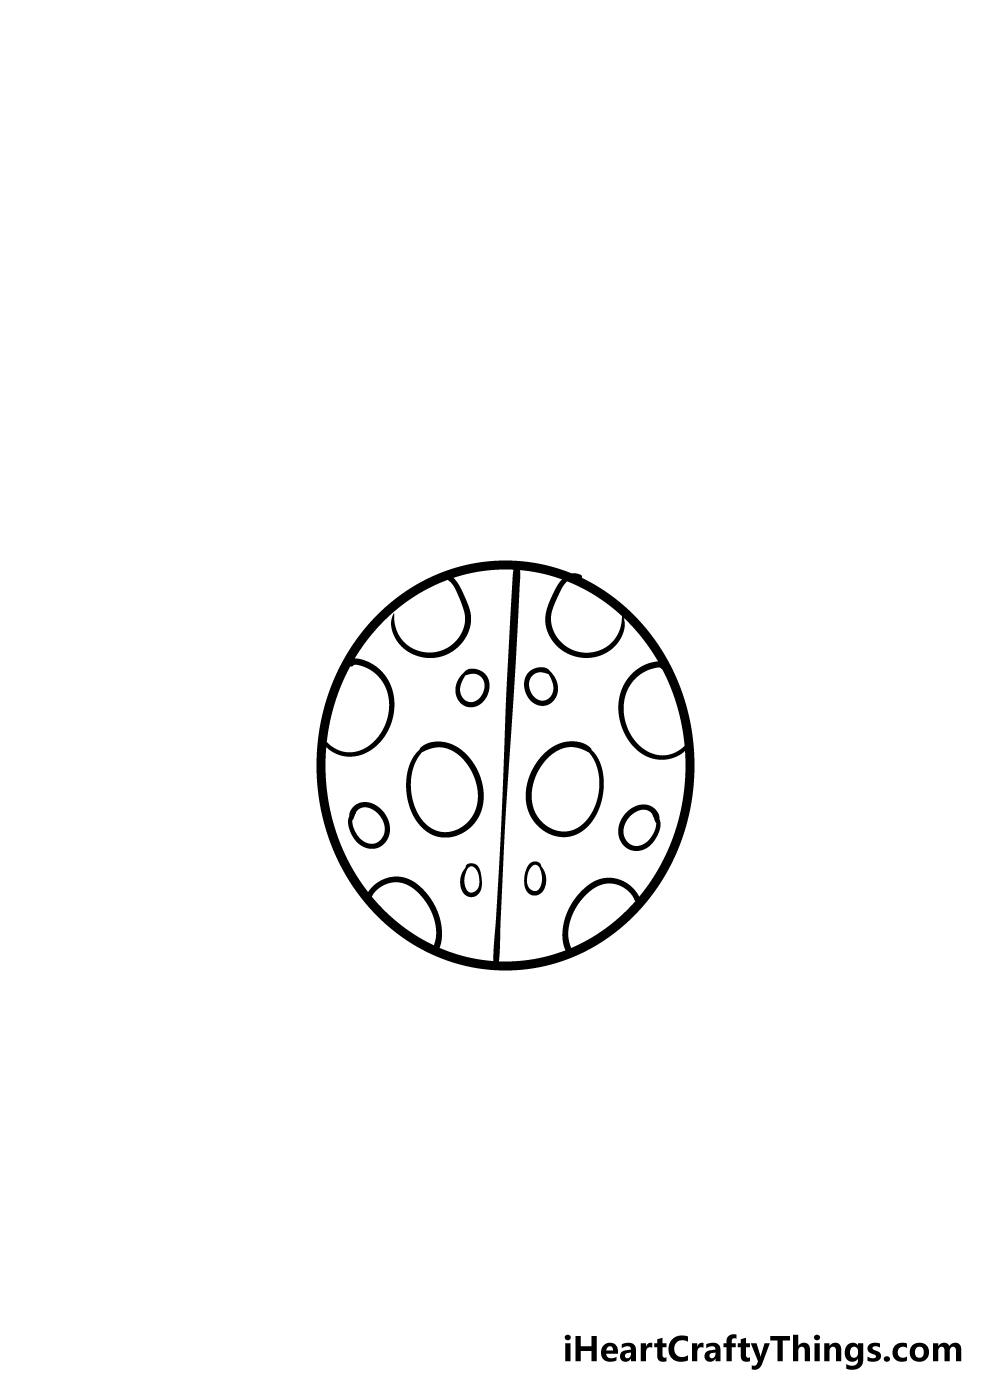 ladybug drawing step 3